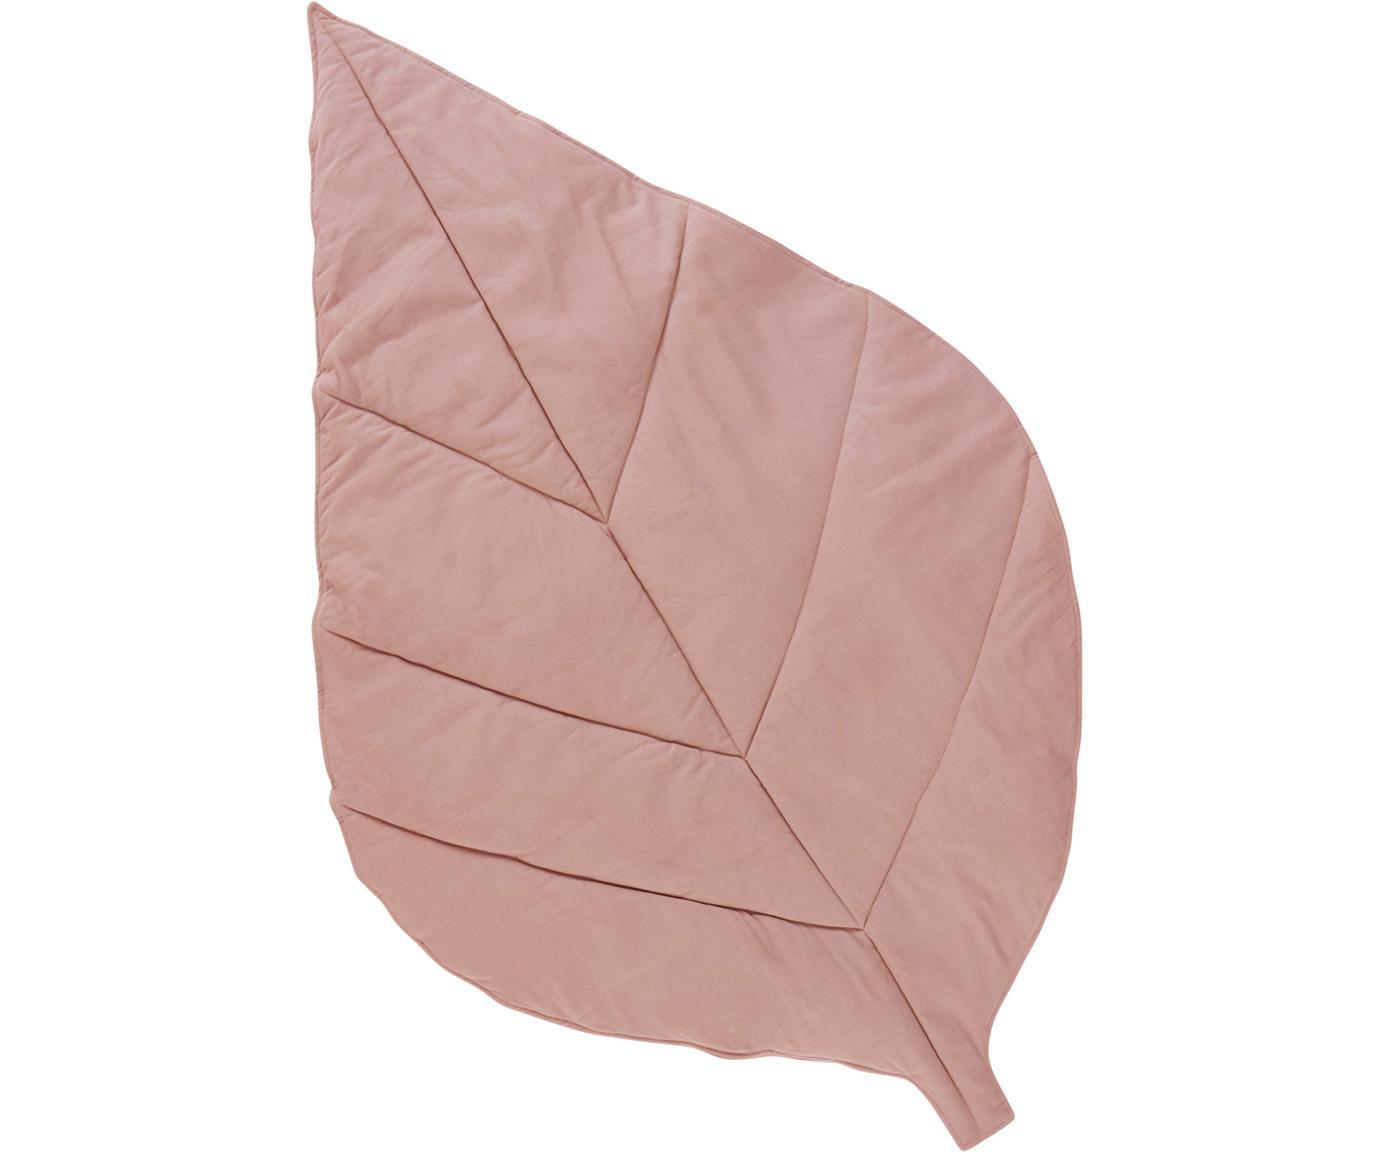 Speelmat Keaton, Bekleding: 100% biokatoen, Roze, 100 x 165 cm